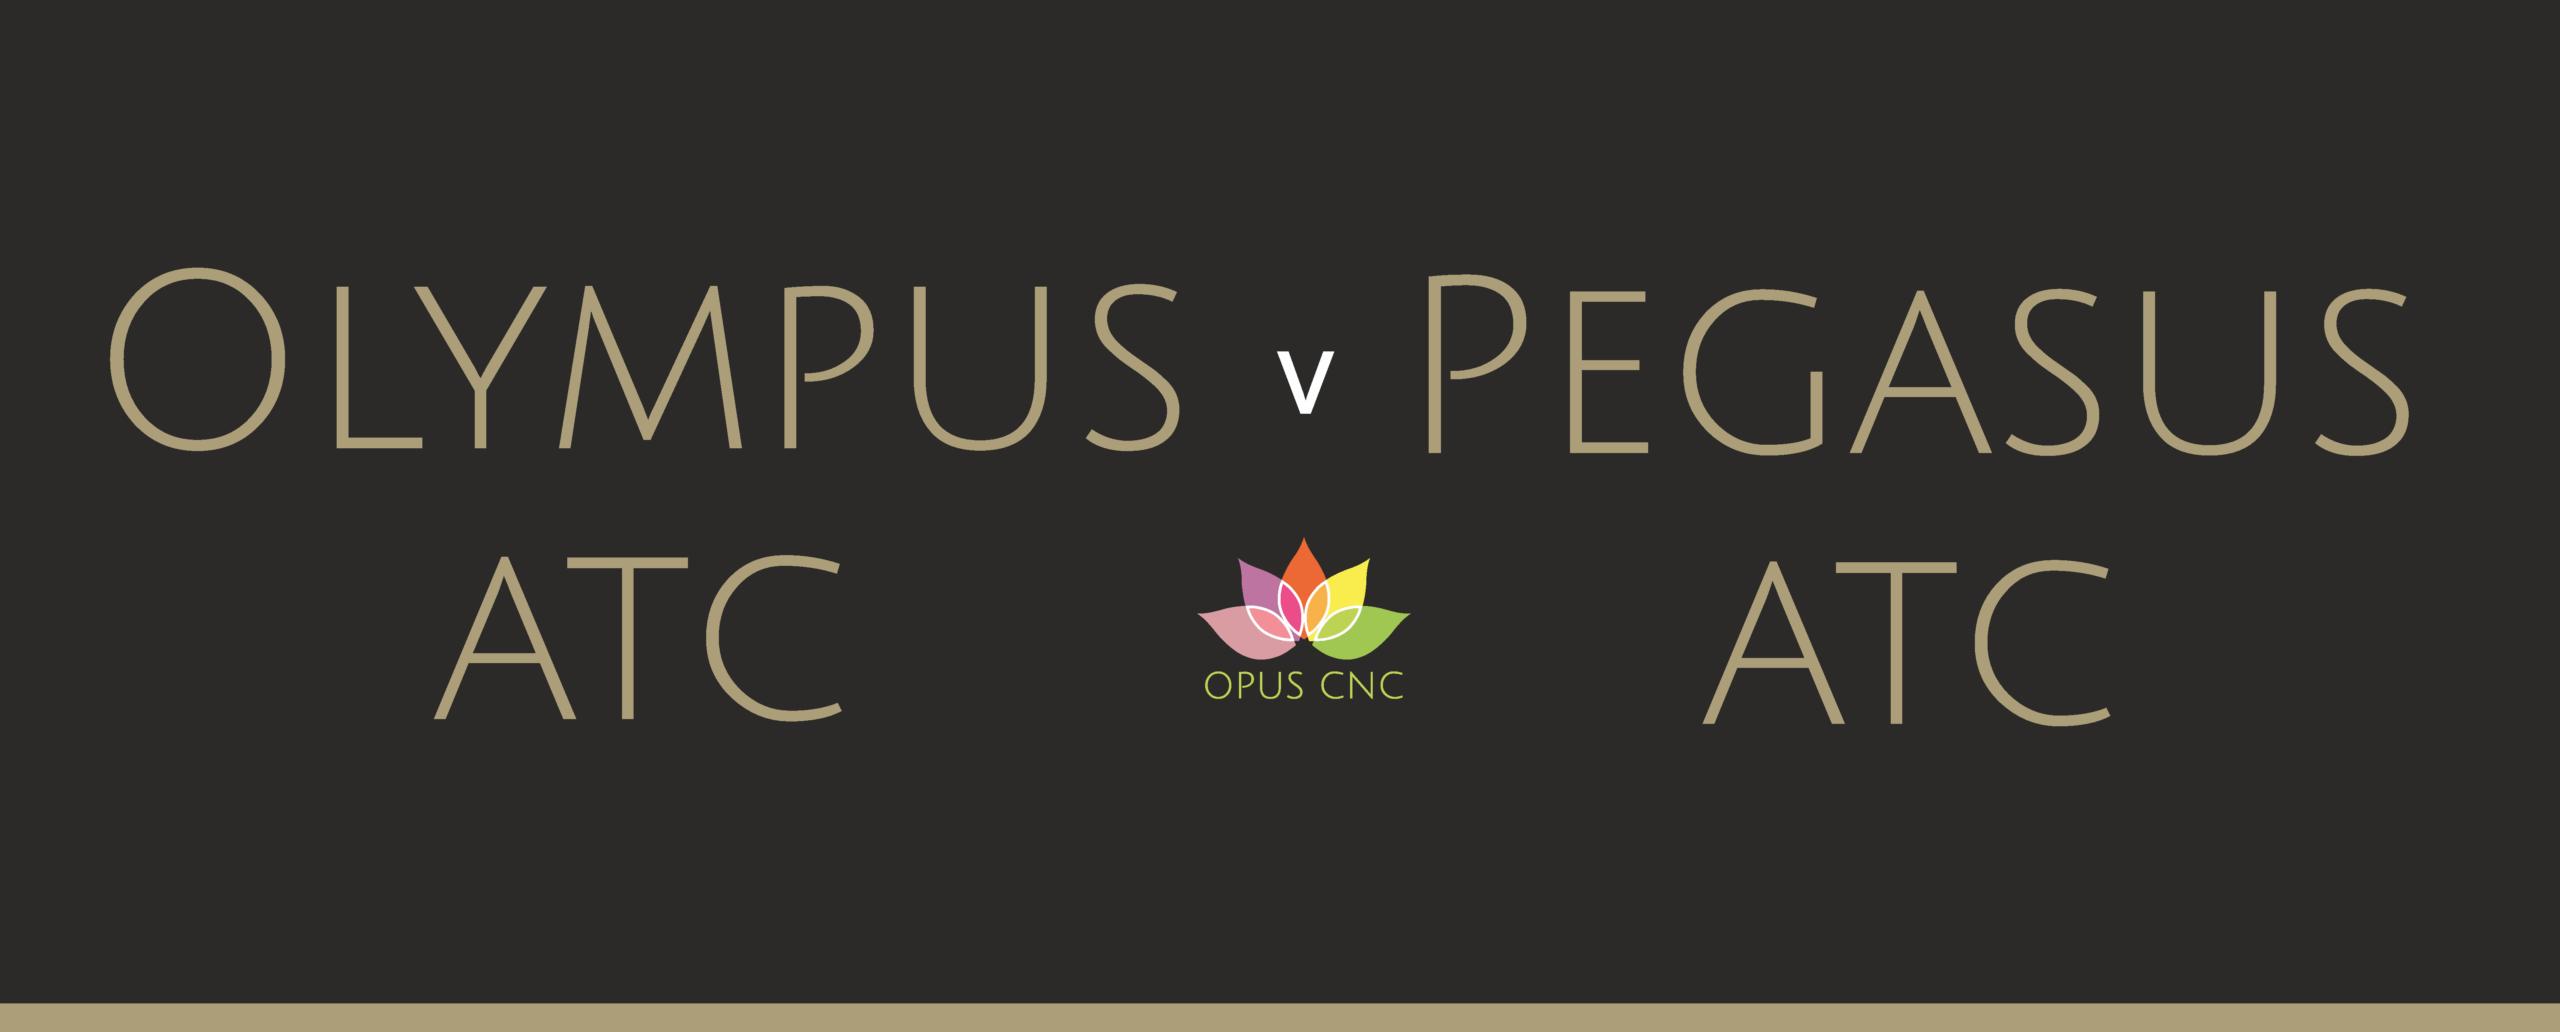 Olympus v Pegasus